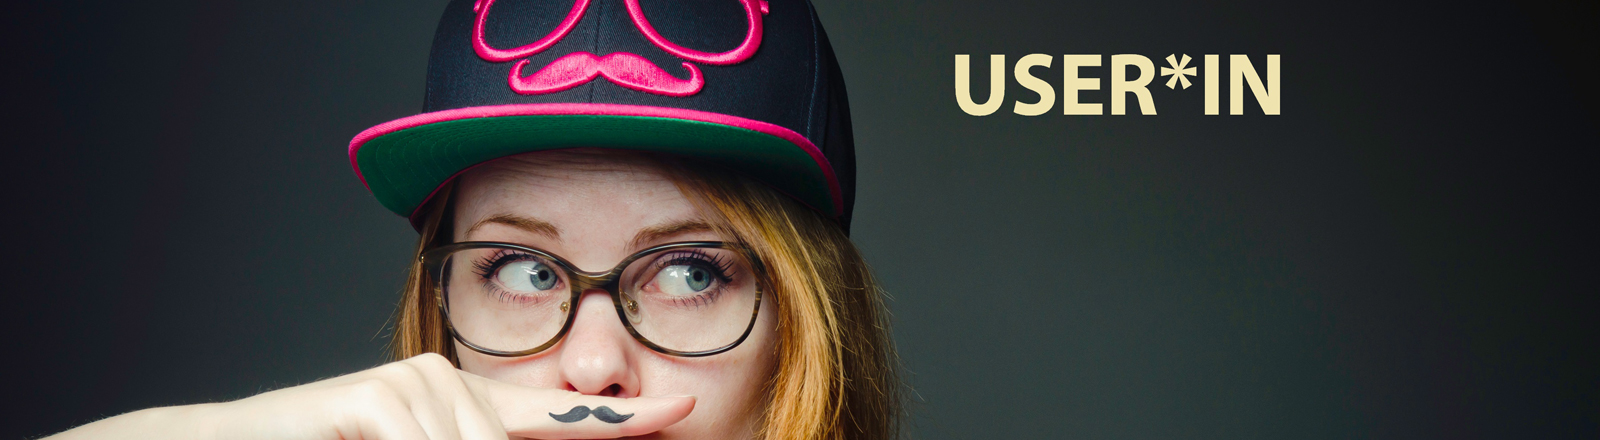 User*in mit Schnurrbart